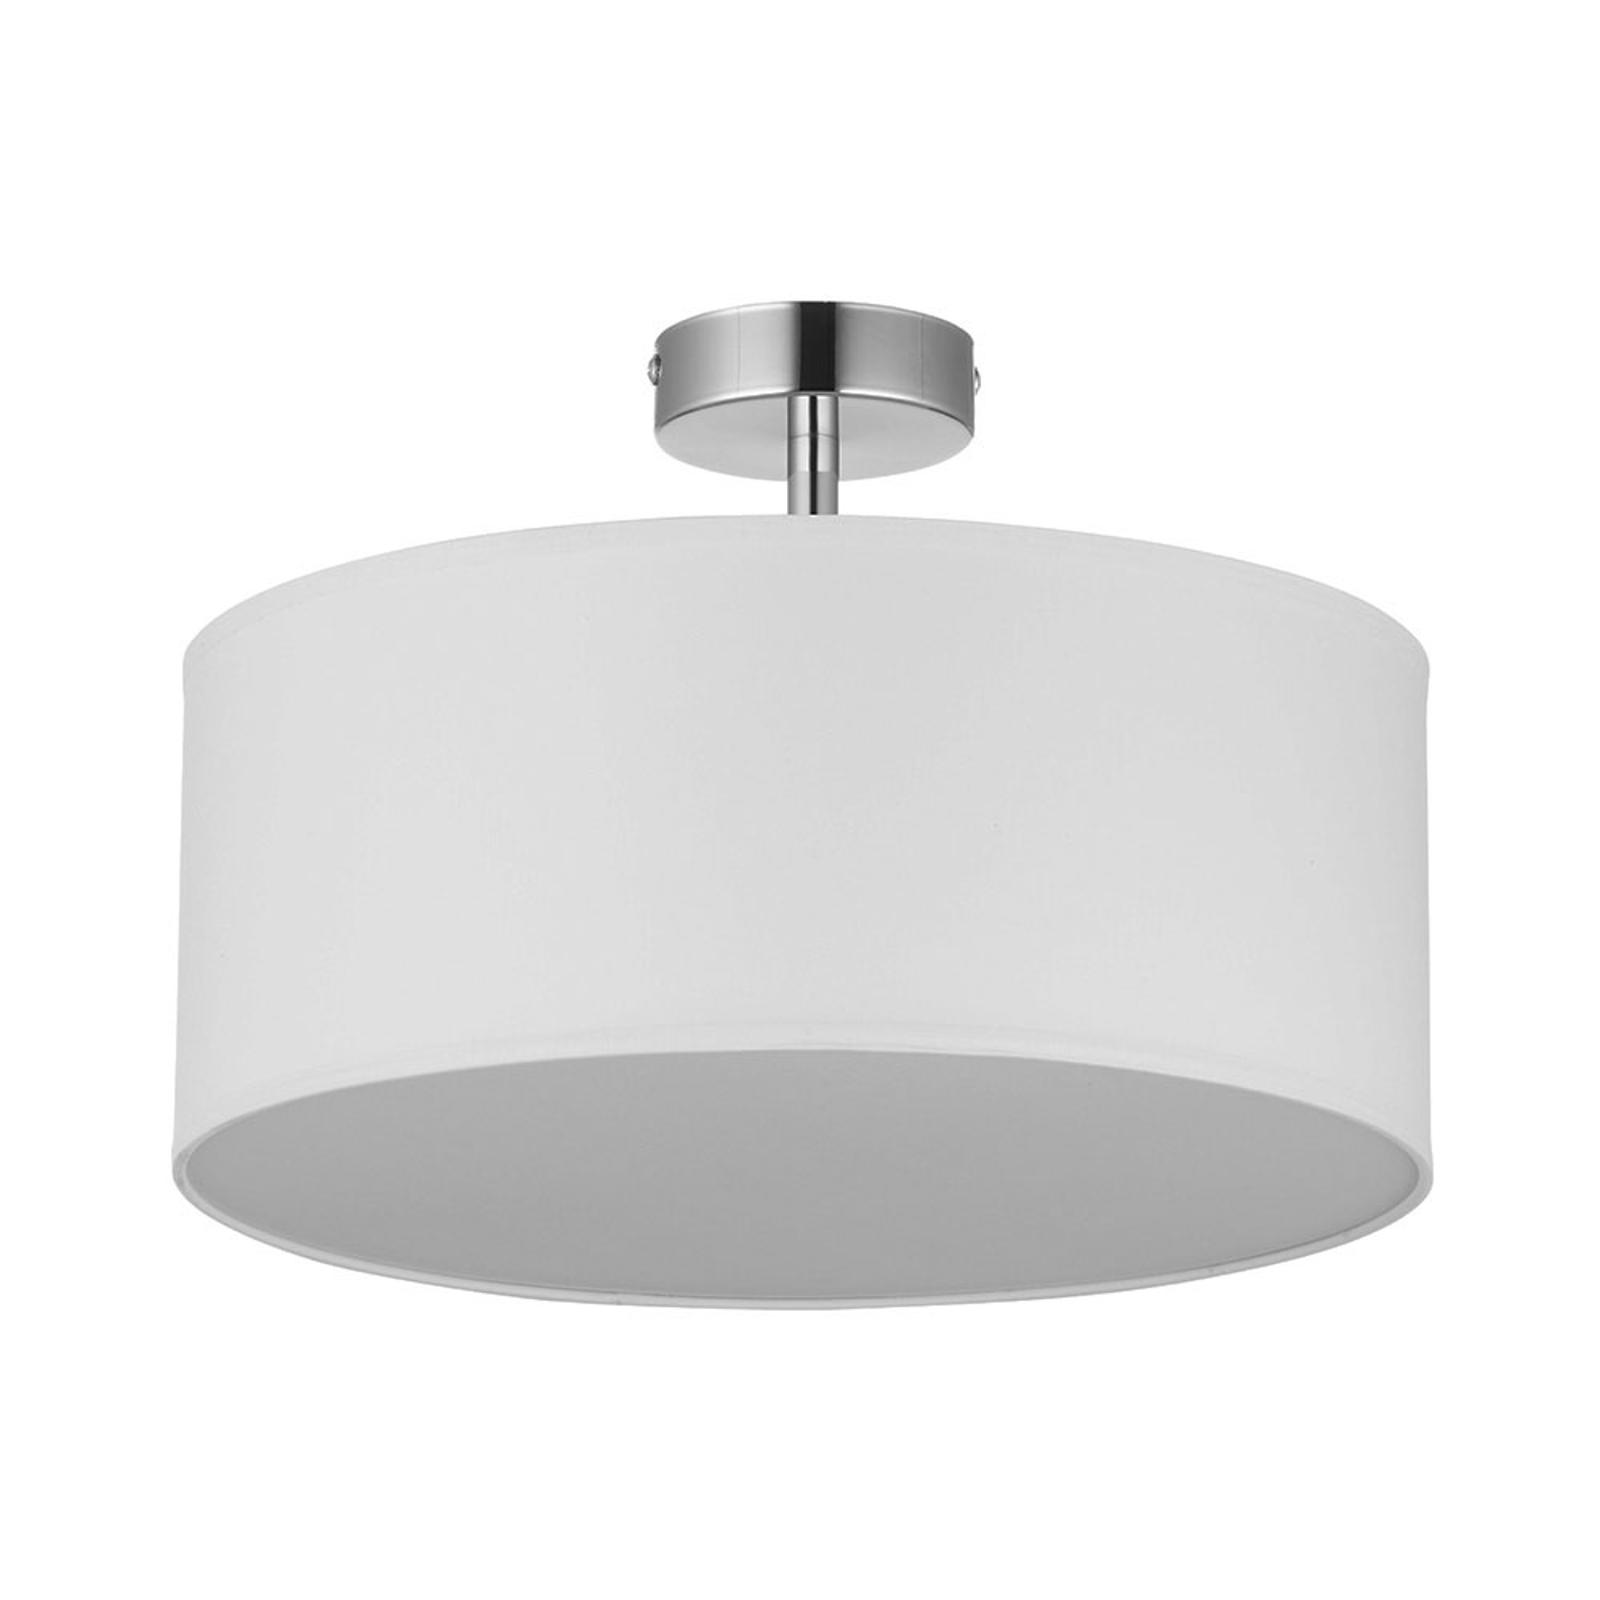 Rondo taklampe med avstand, hvit Ø 45 cm